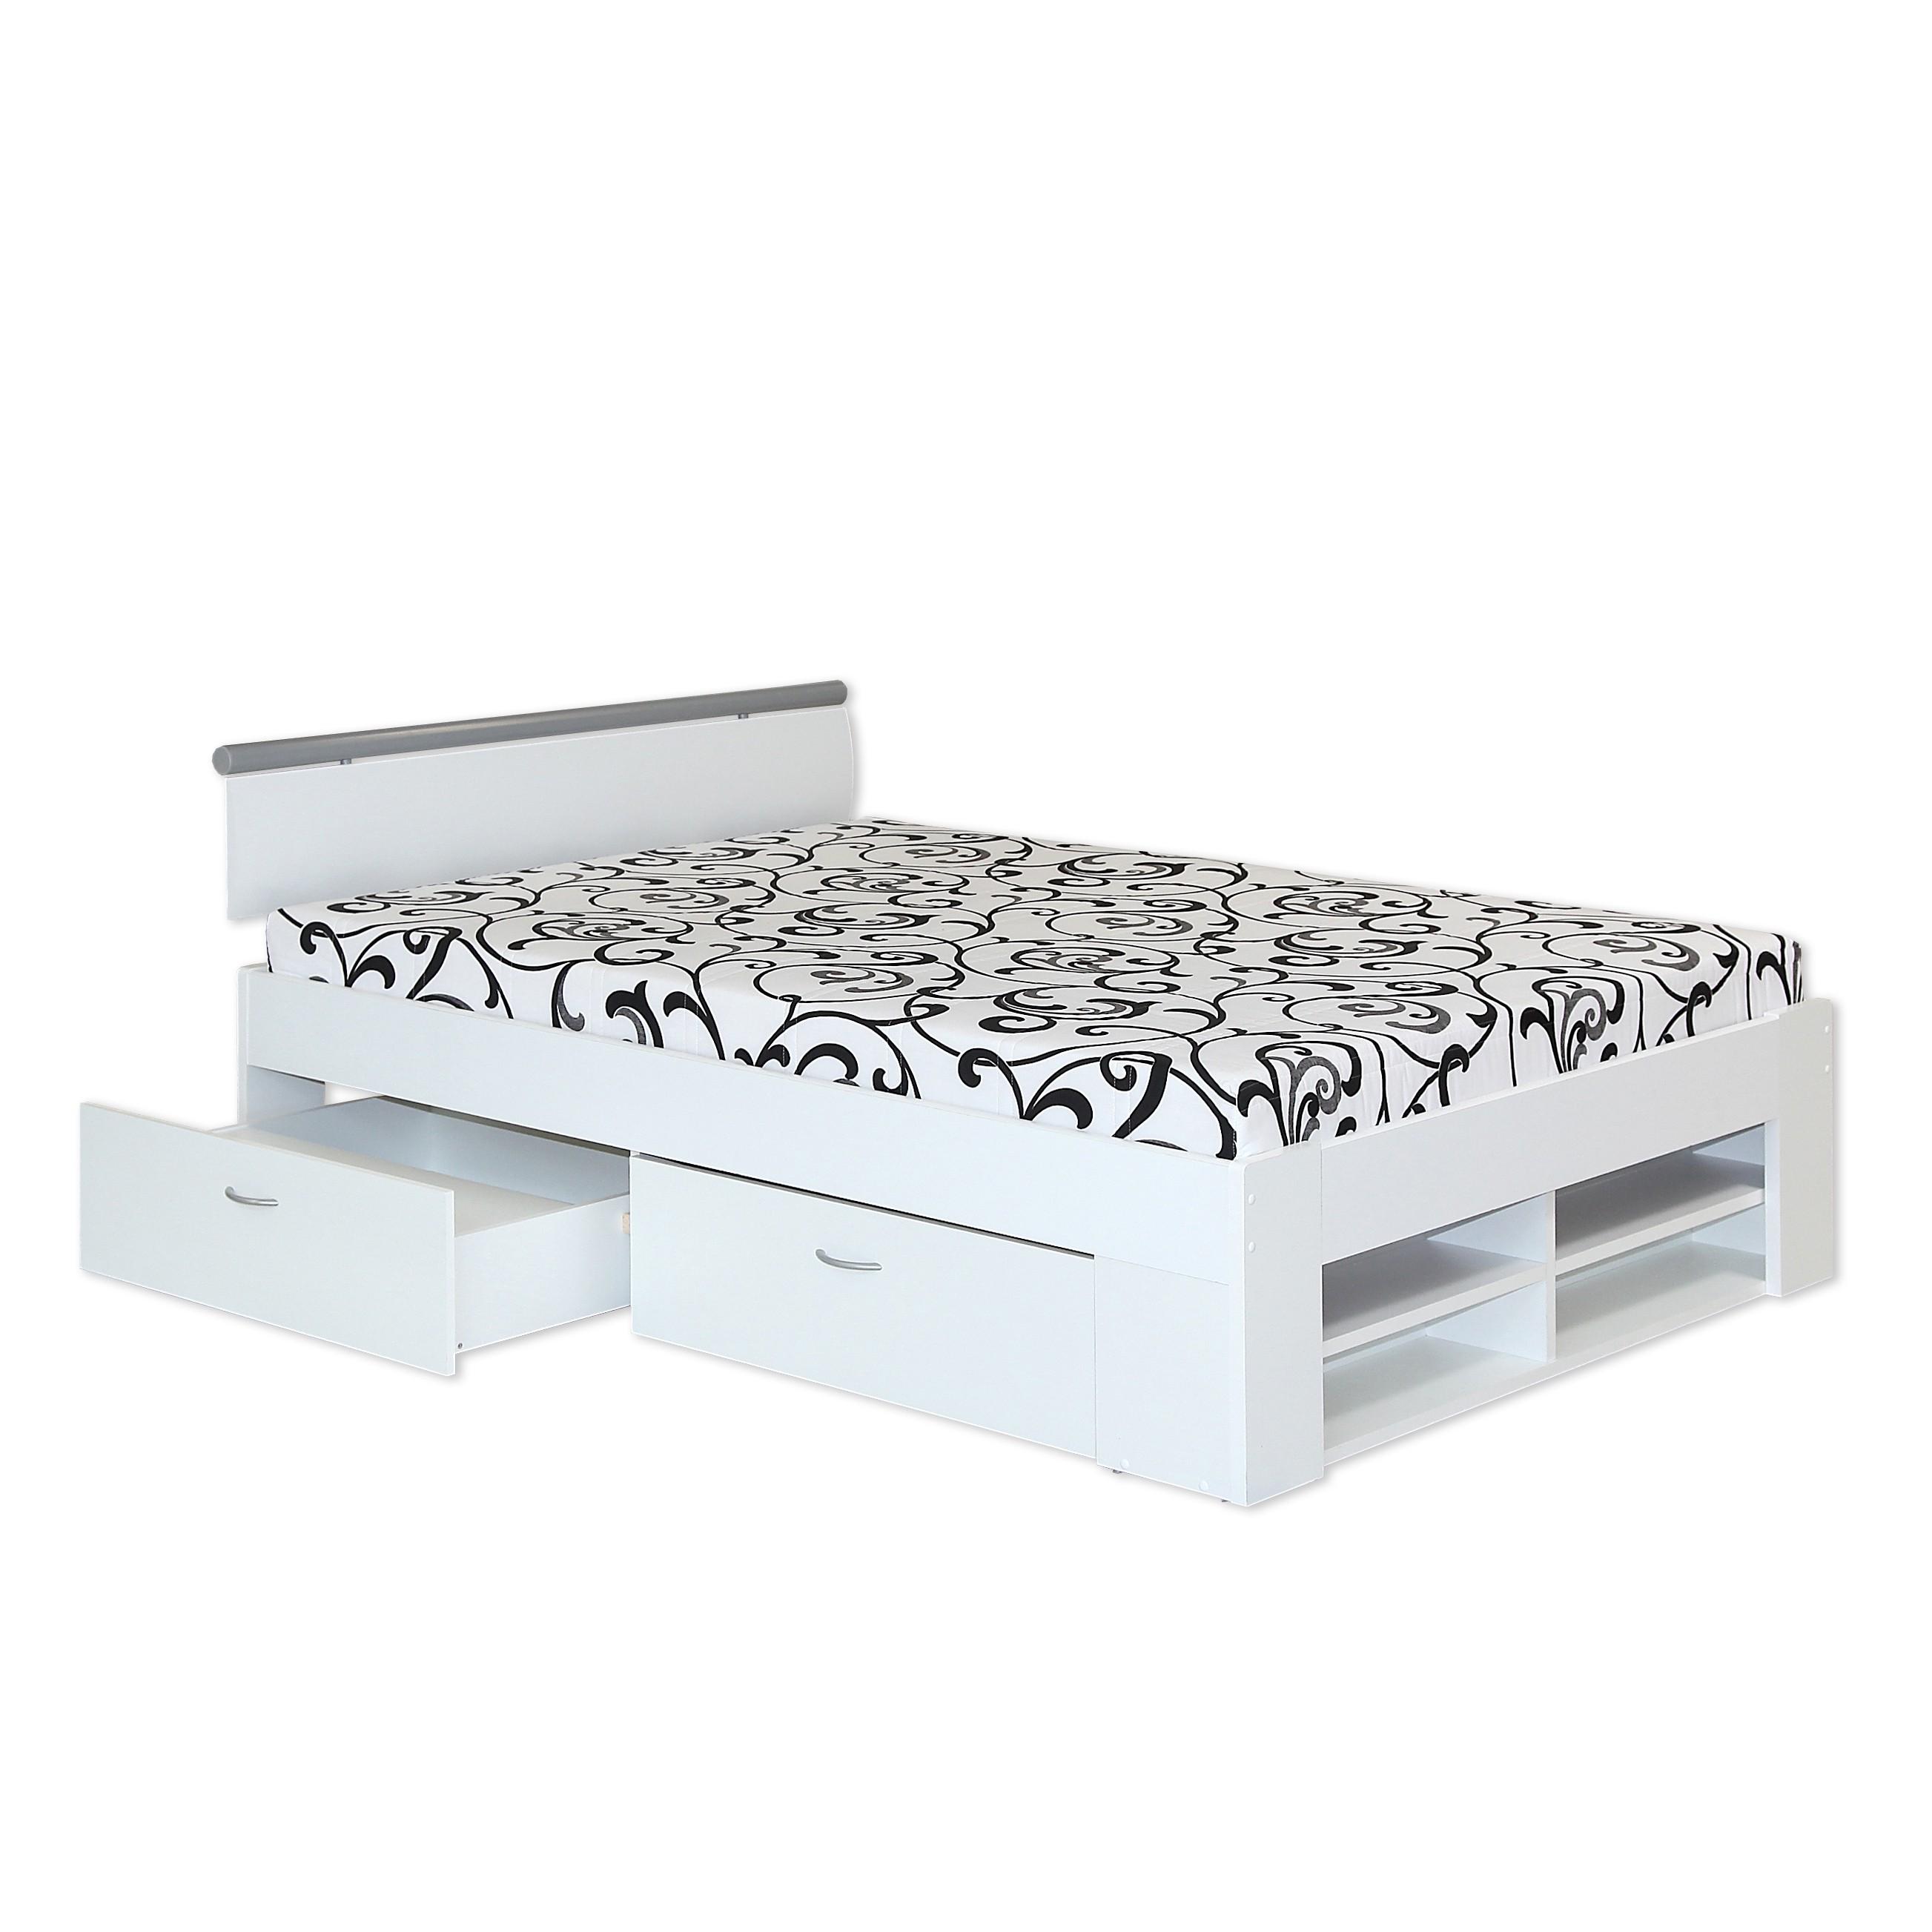 bettgestell 120x200 ikea brimnes bed frame with storage. Black Bedroom Furniture Sets. Home Design Ideas